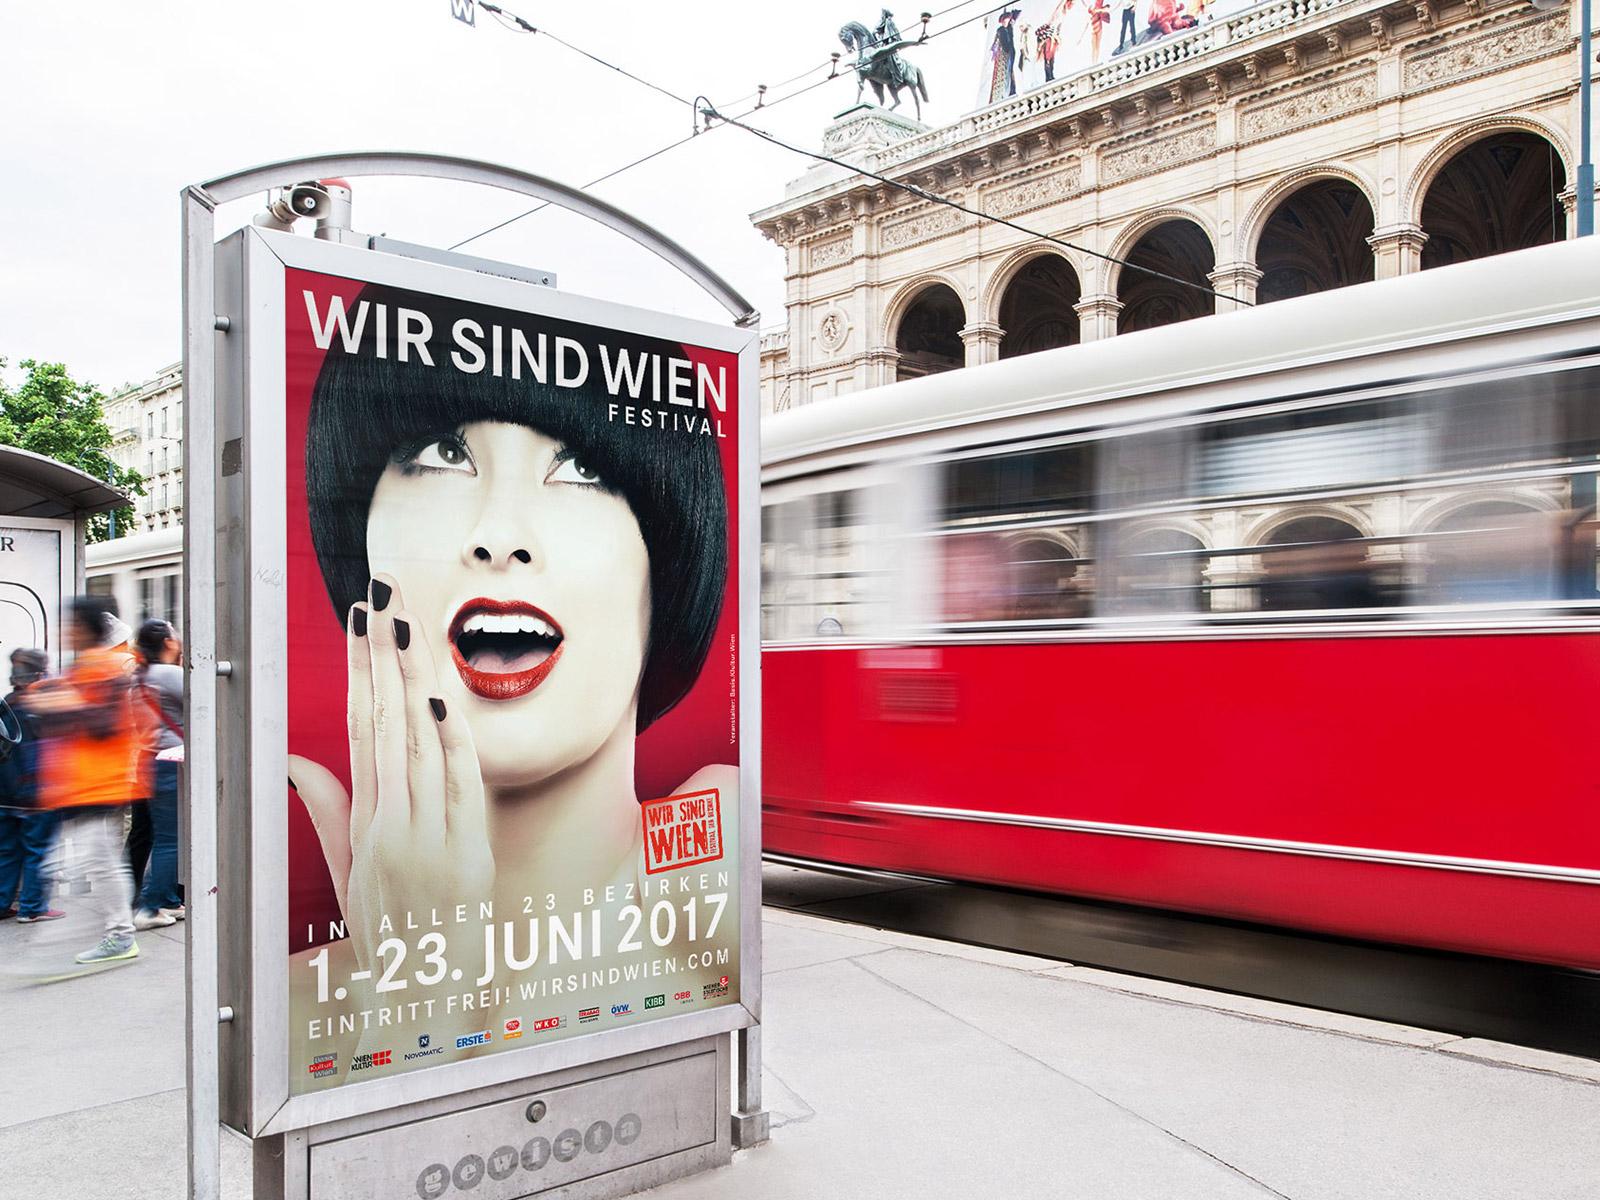 Wir sind Wien. Festival 2017